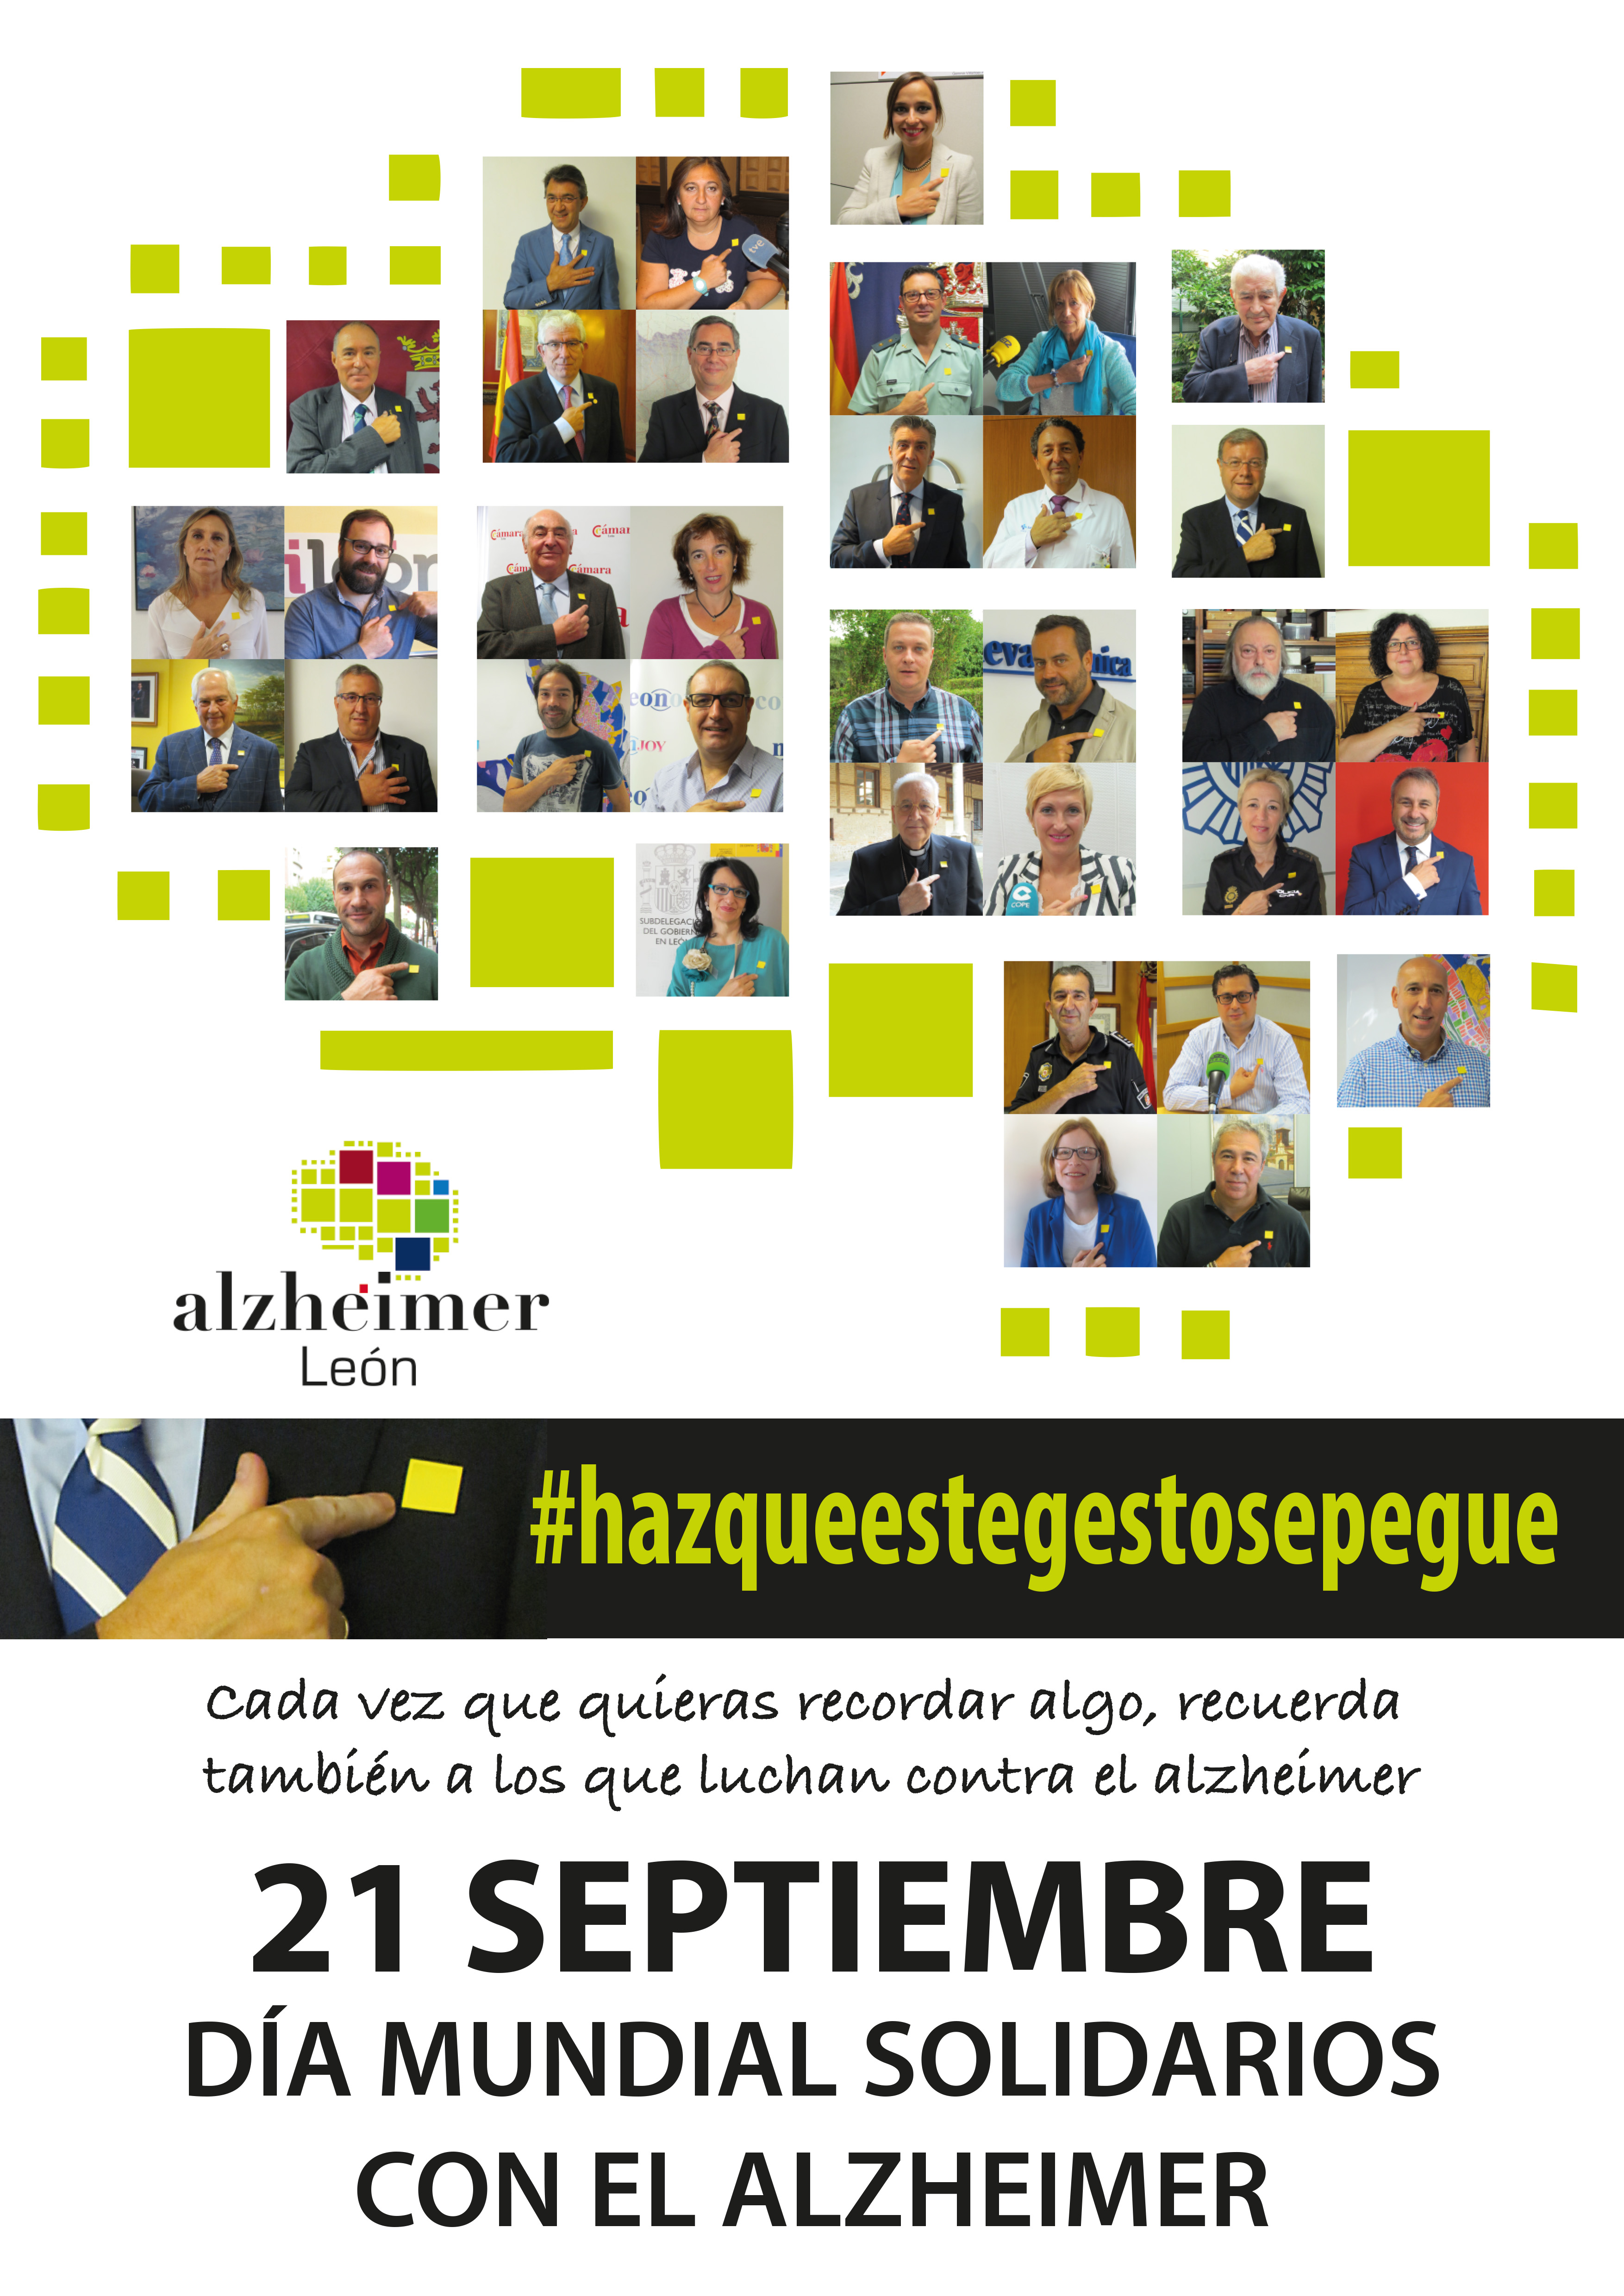 Gracias por sumaros a nuestros actos de conmemoración del Día Mundial del Alzheimer